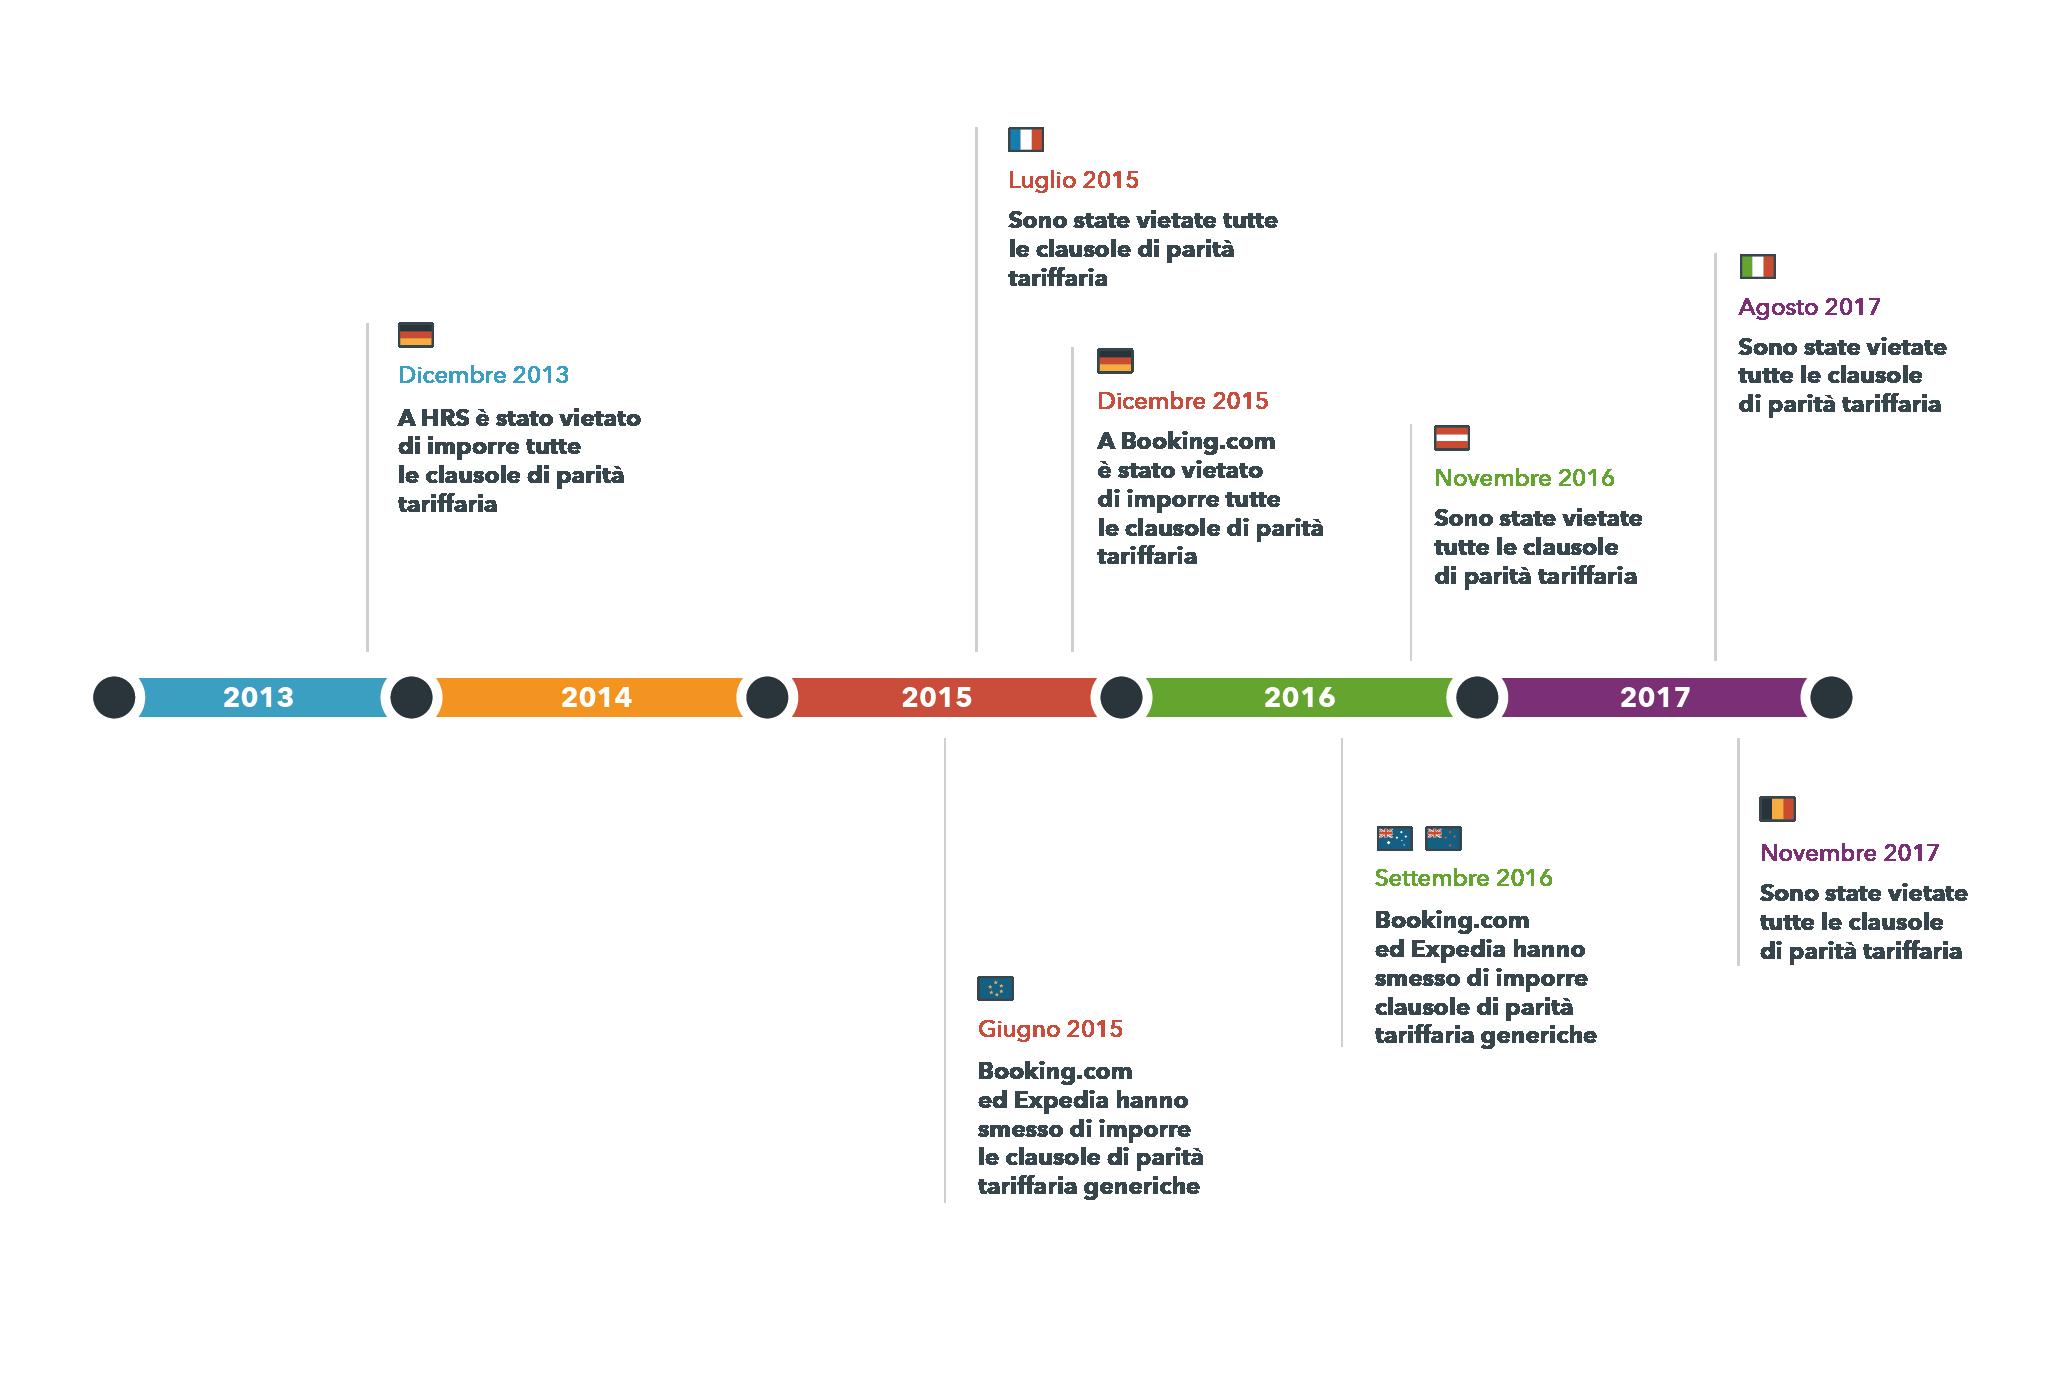 Cronologia dei divieti della parità tariffaria in vari paesi